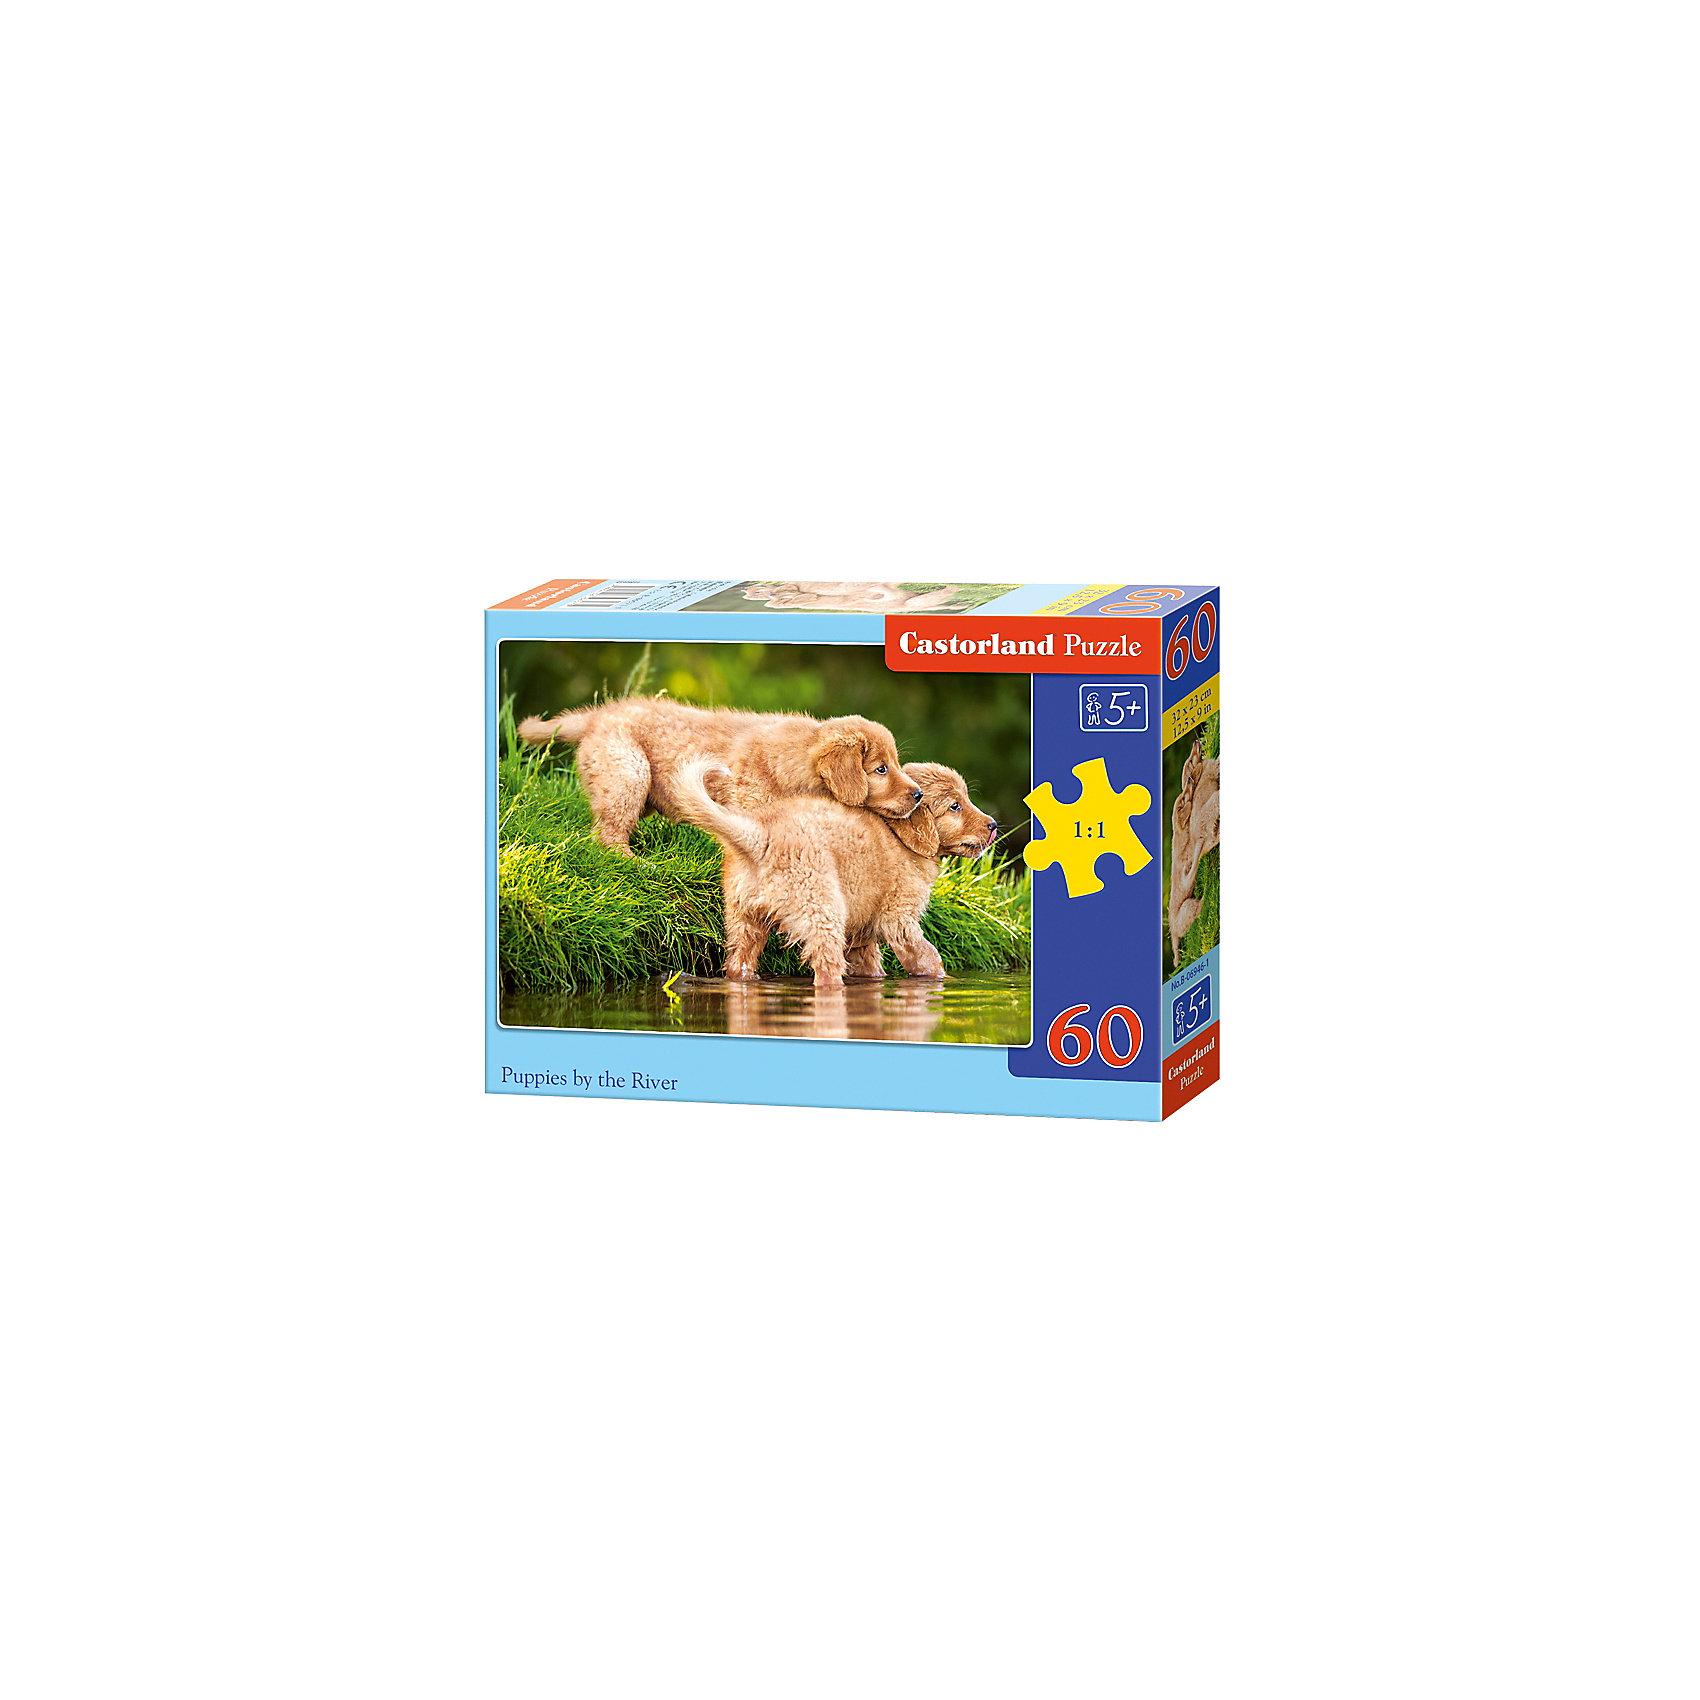 Пазл Castorland Щенки на реке, 60 деталейПазлы для малышей<br>Характеристики:<br><br>• возраст: от 5 лет<br>• количество деталей: 60 шт.<br>• размер собранного пазла: 32х23 см.<br>• материал: картон<br>• упаковка: картонная коробка<br>• размер упаковки: 18x4x13 см.<br>• вес: 150 гр.<br>• страна обладатель бренда: Польша<br><br>Пазл «Щенки на реке» от Castorland (Касторленд) отличается высоким качеством, высоким уровнем полиграфии, насыщенными цветами и идеальной стыковкой элементов. Из 60 элементов пазла ребенок соберет красочную картину с изображением забавных щенков.<br><br>Пазл Щенки на реке, 60 деталей, Castorland (Касторленд) можно купить в нашем интернет-магазине.<br><br>Ширина мм: 180<br>Глубина мм: 130<br>Высота мм: 40<br>Вес г: 150<br>Возраст от месяцев: 60<br>Возраст до месяцев: 2147483647<br>Пол: Унисекс<br>Возраст: Детский<br>SKU: 6725089